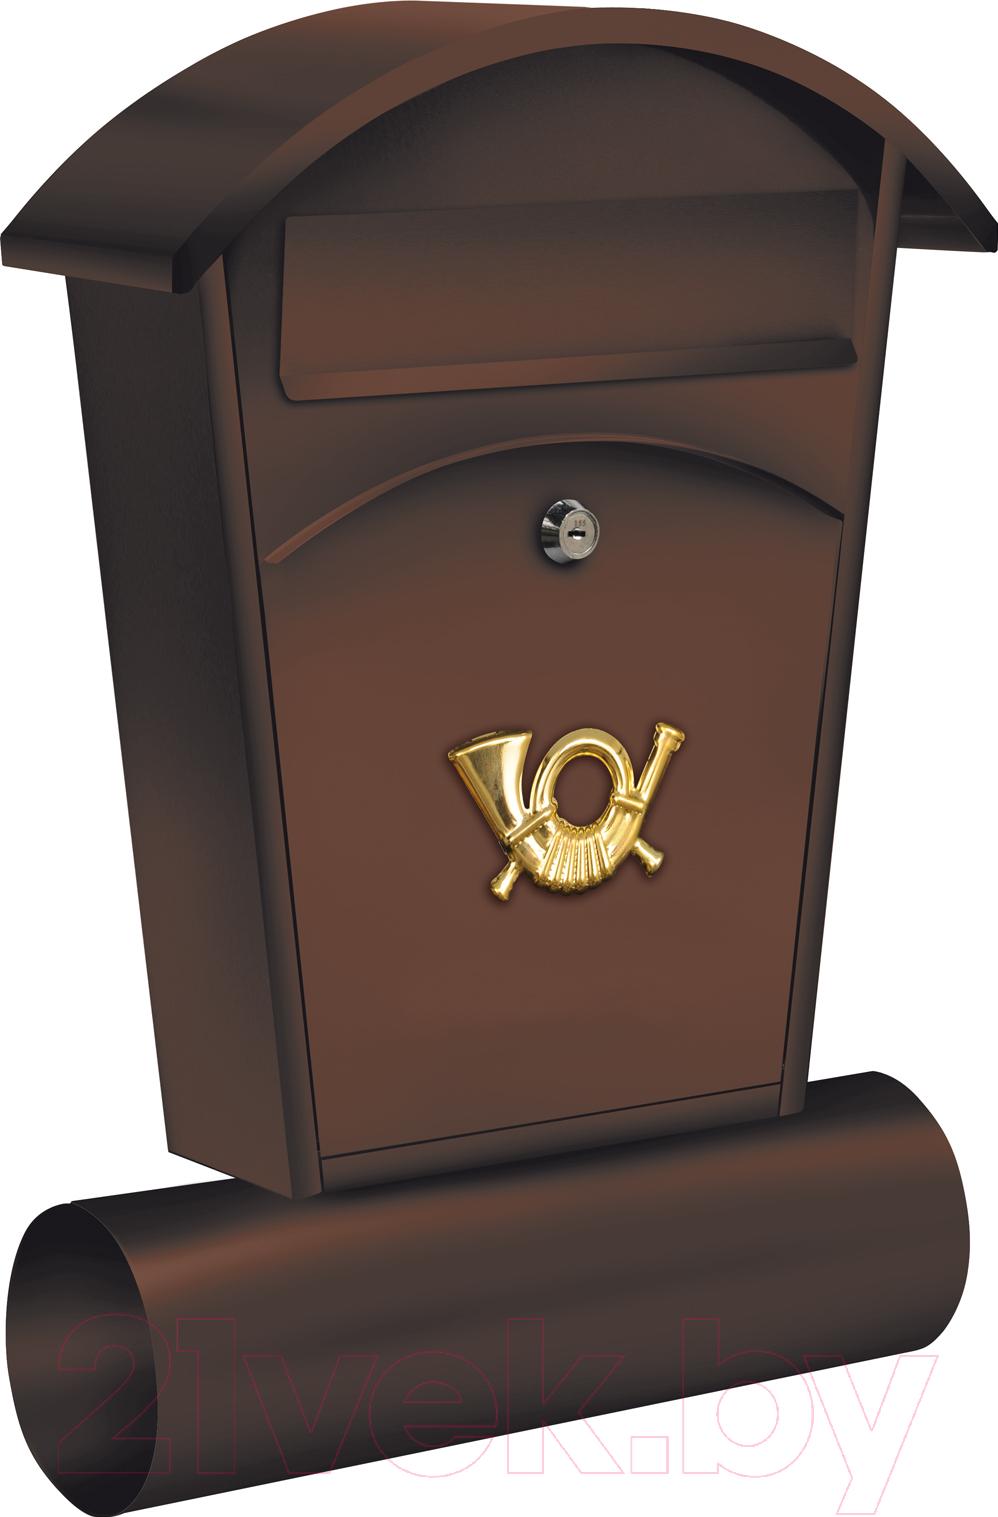 Купить Почтовый ящик Vorel, 78592, Польша, коричневый, сталь